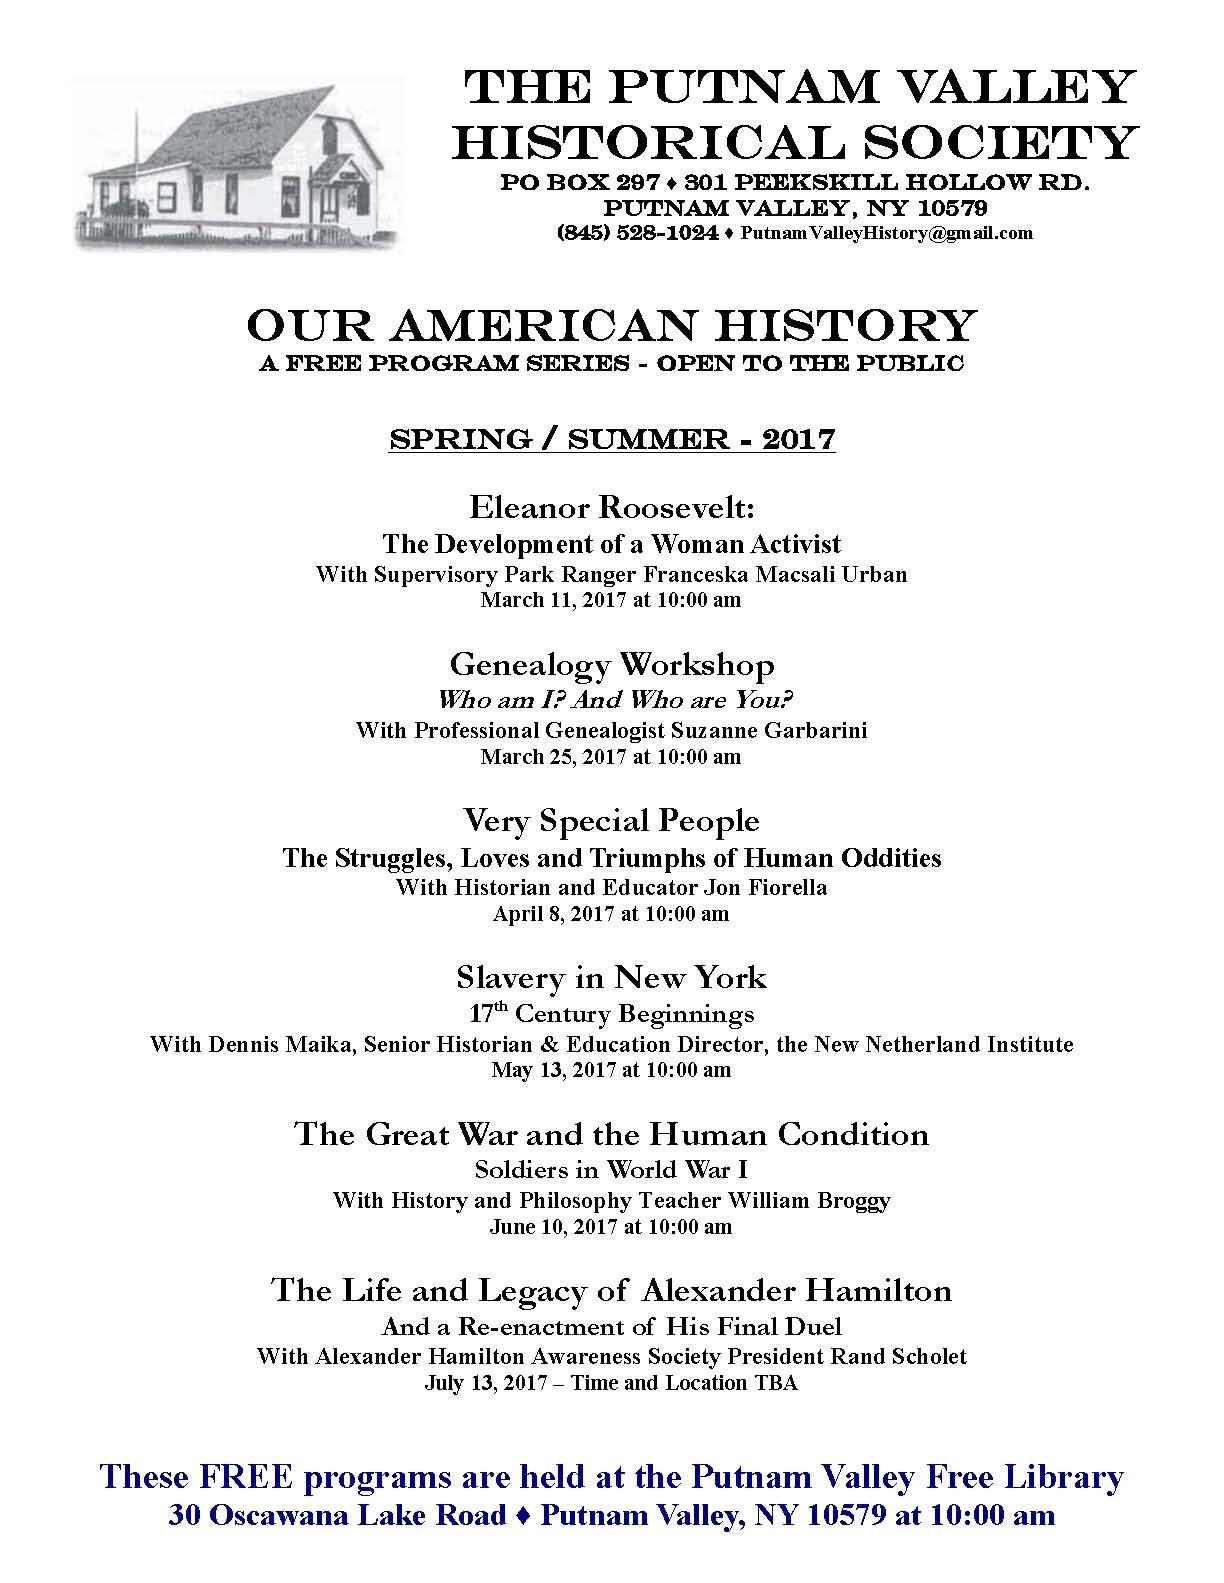 Series Calendar